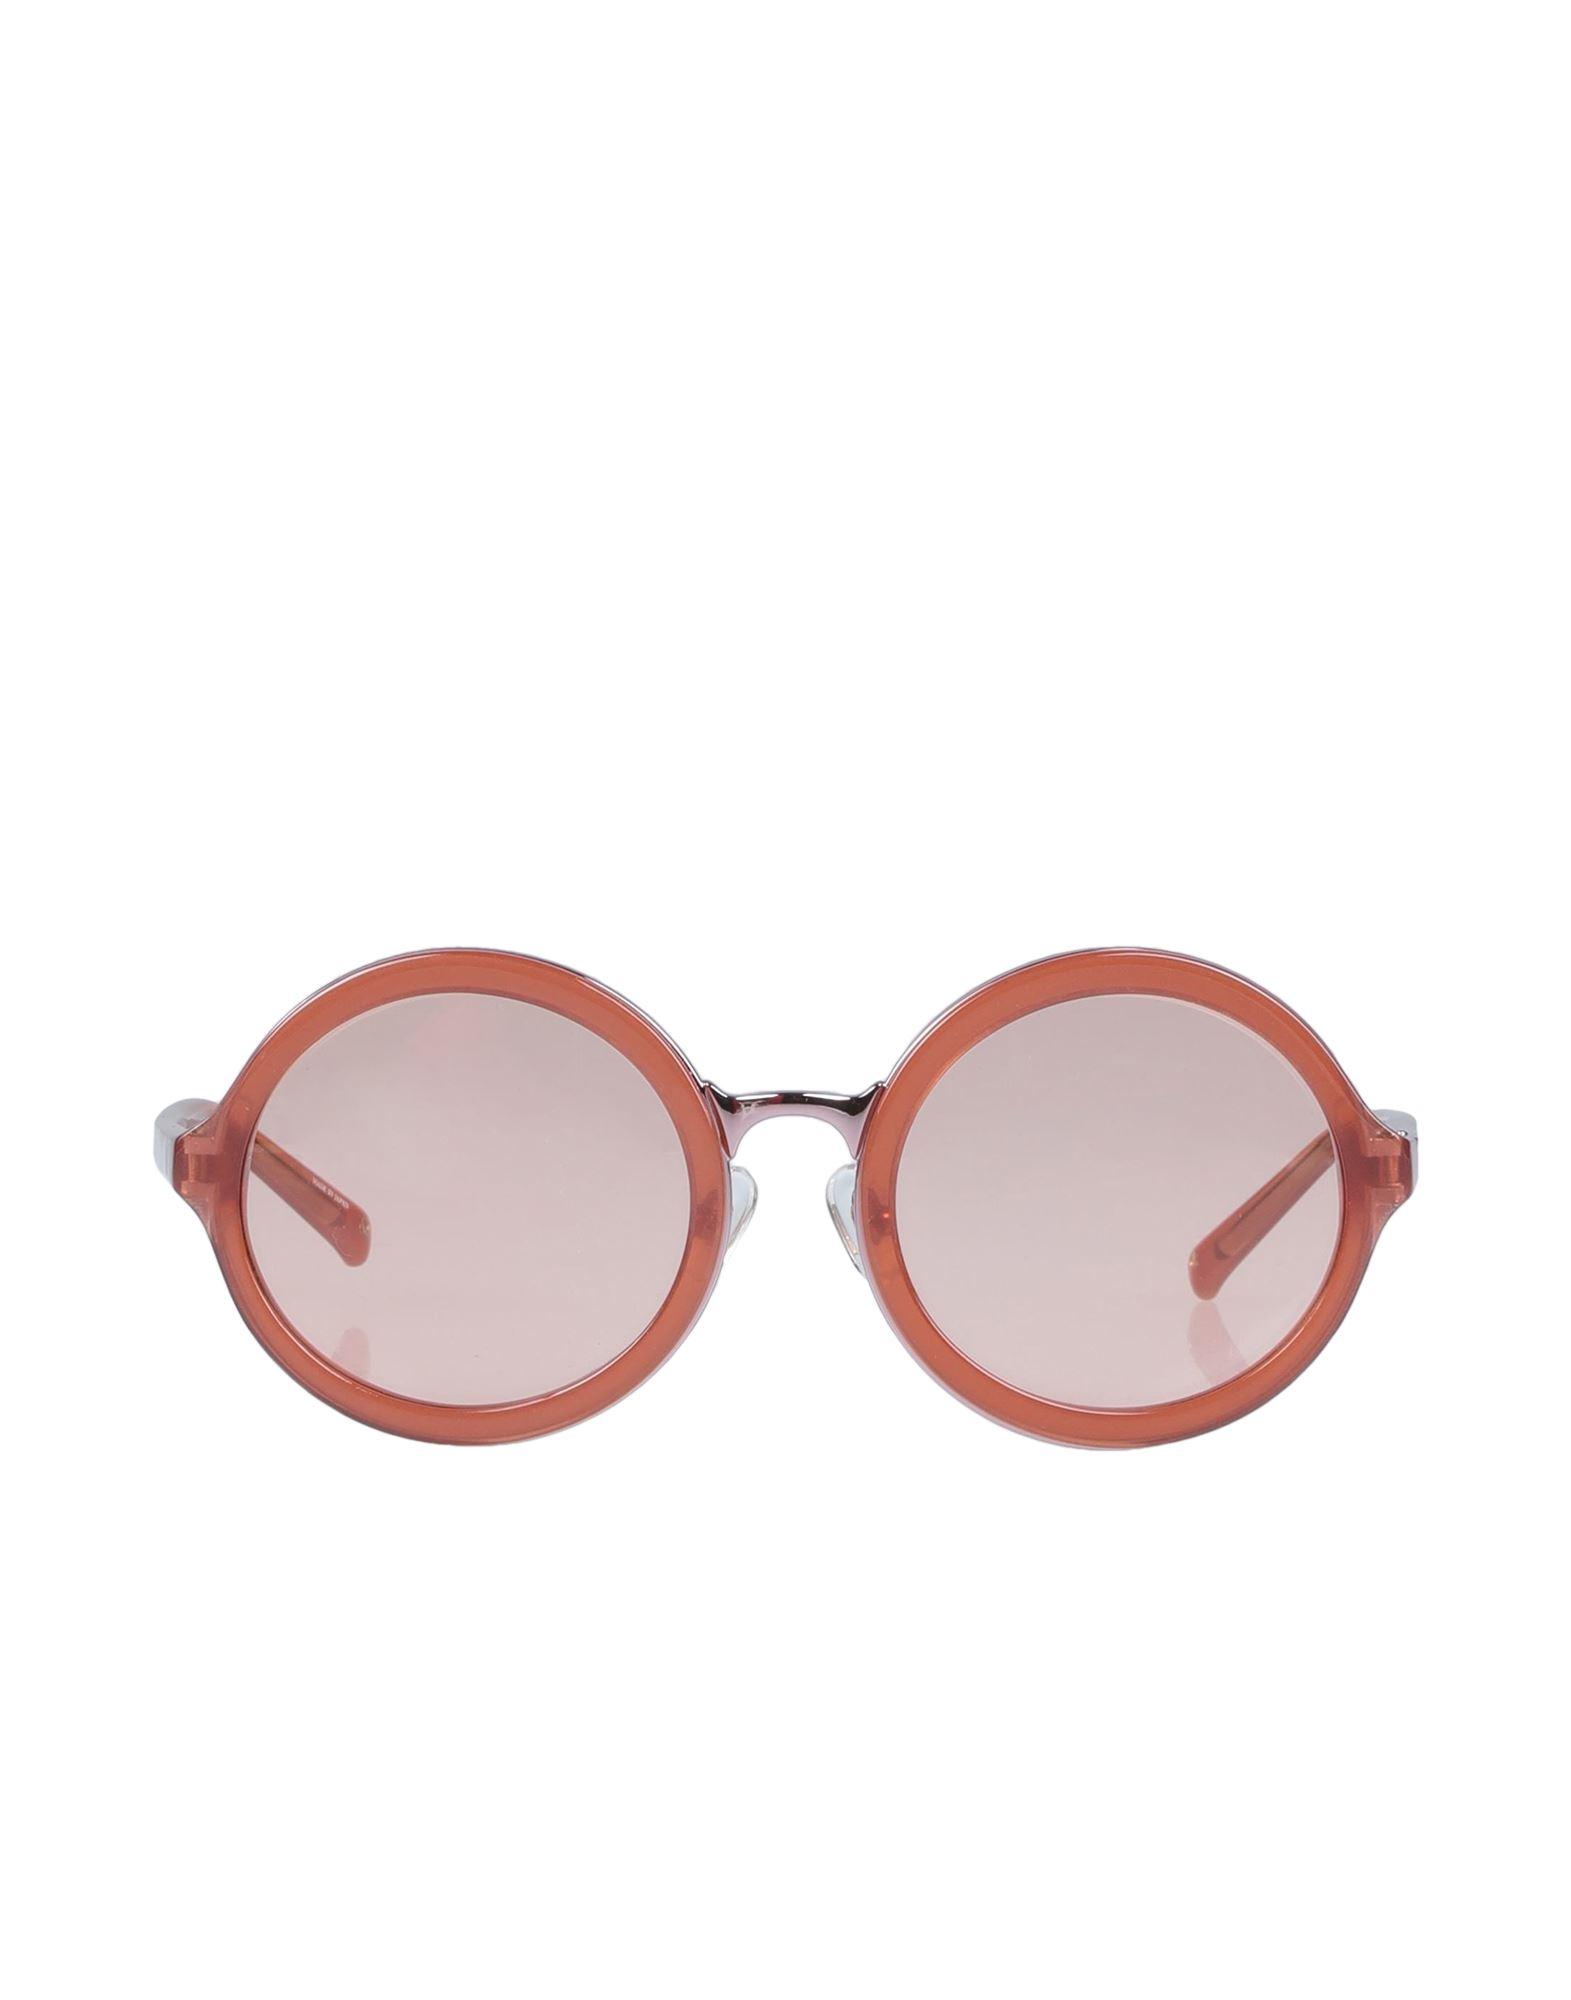 3.1 PHILLIP LIM Солнечные очки